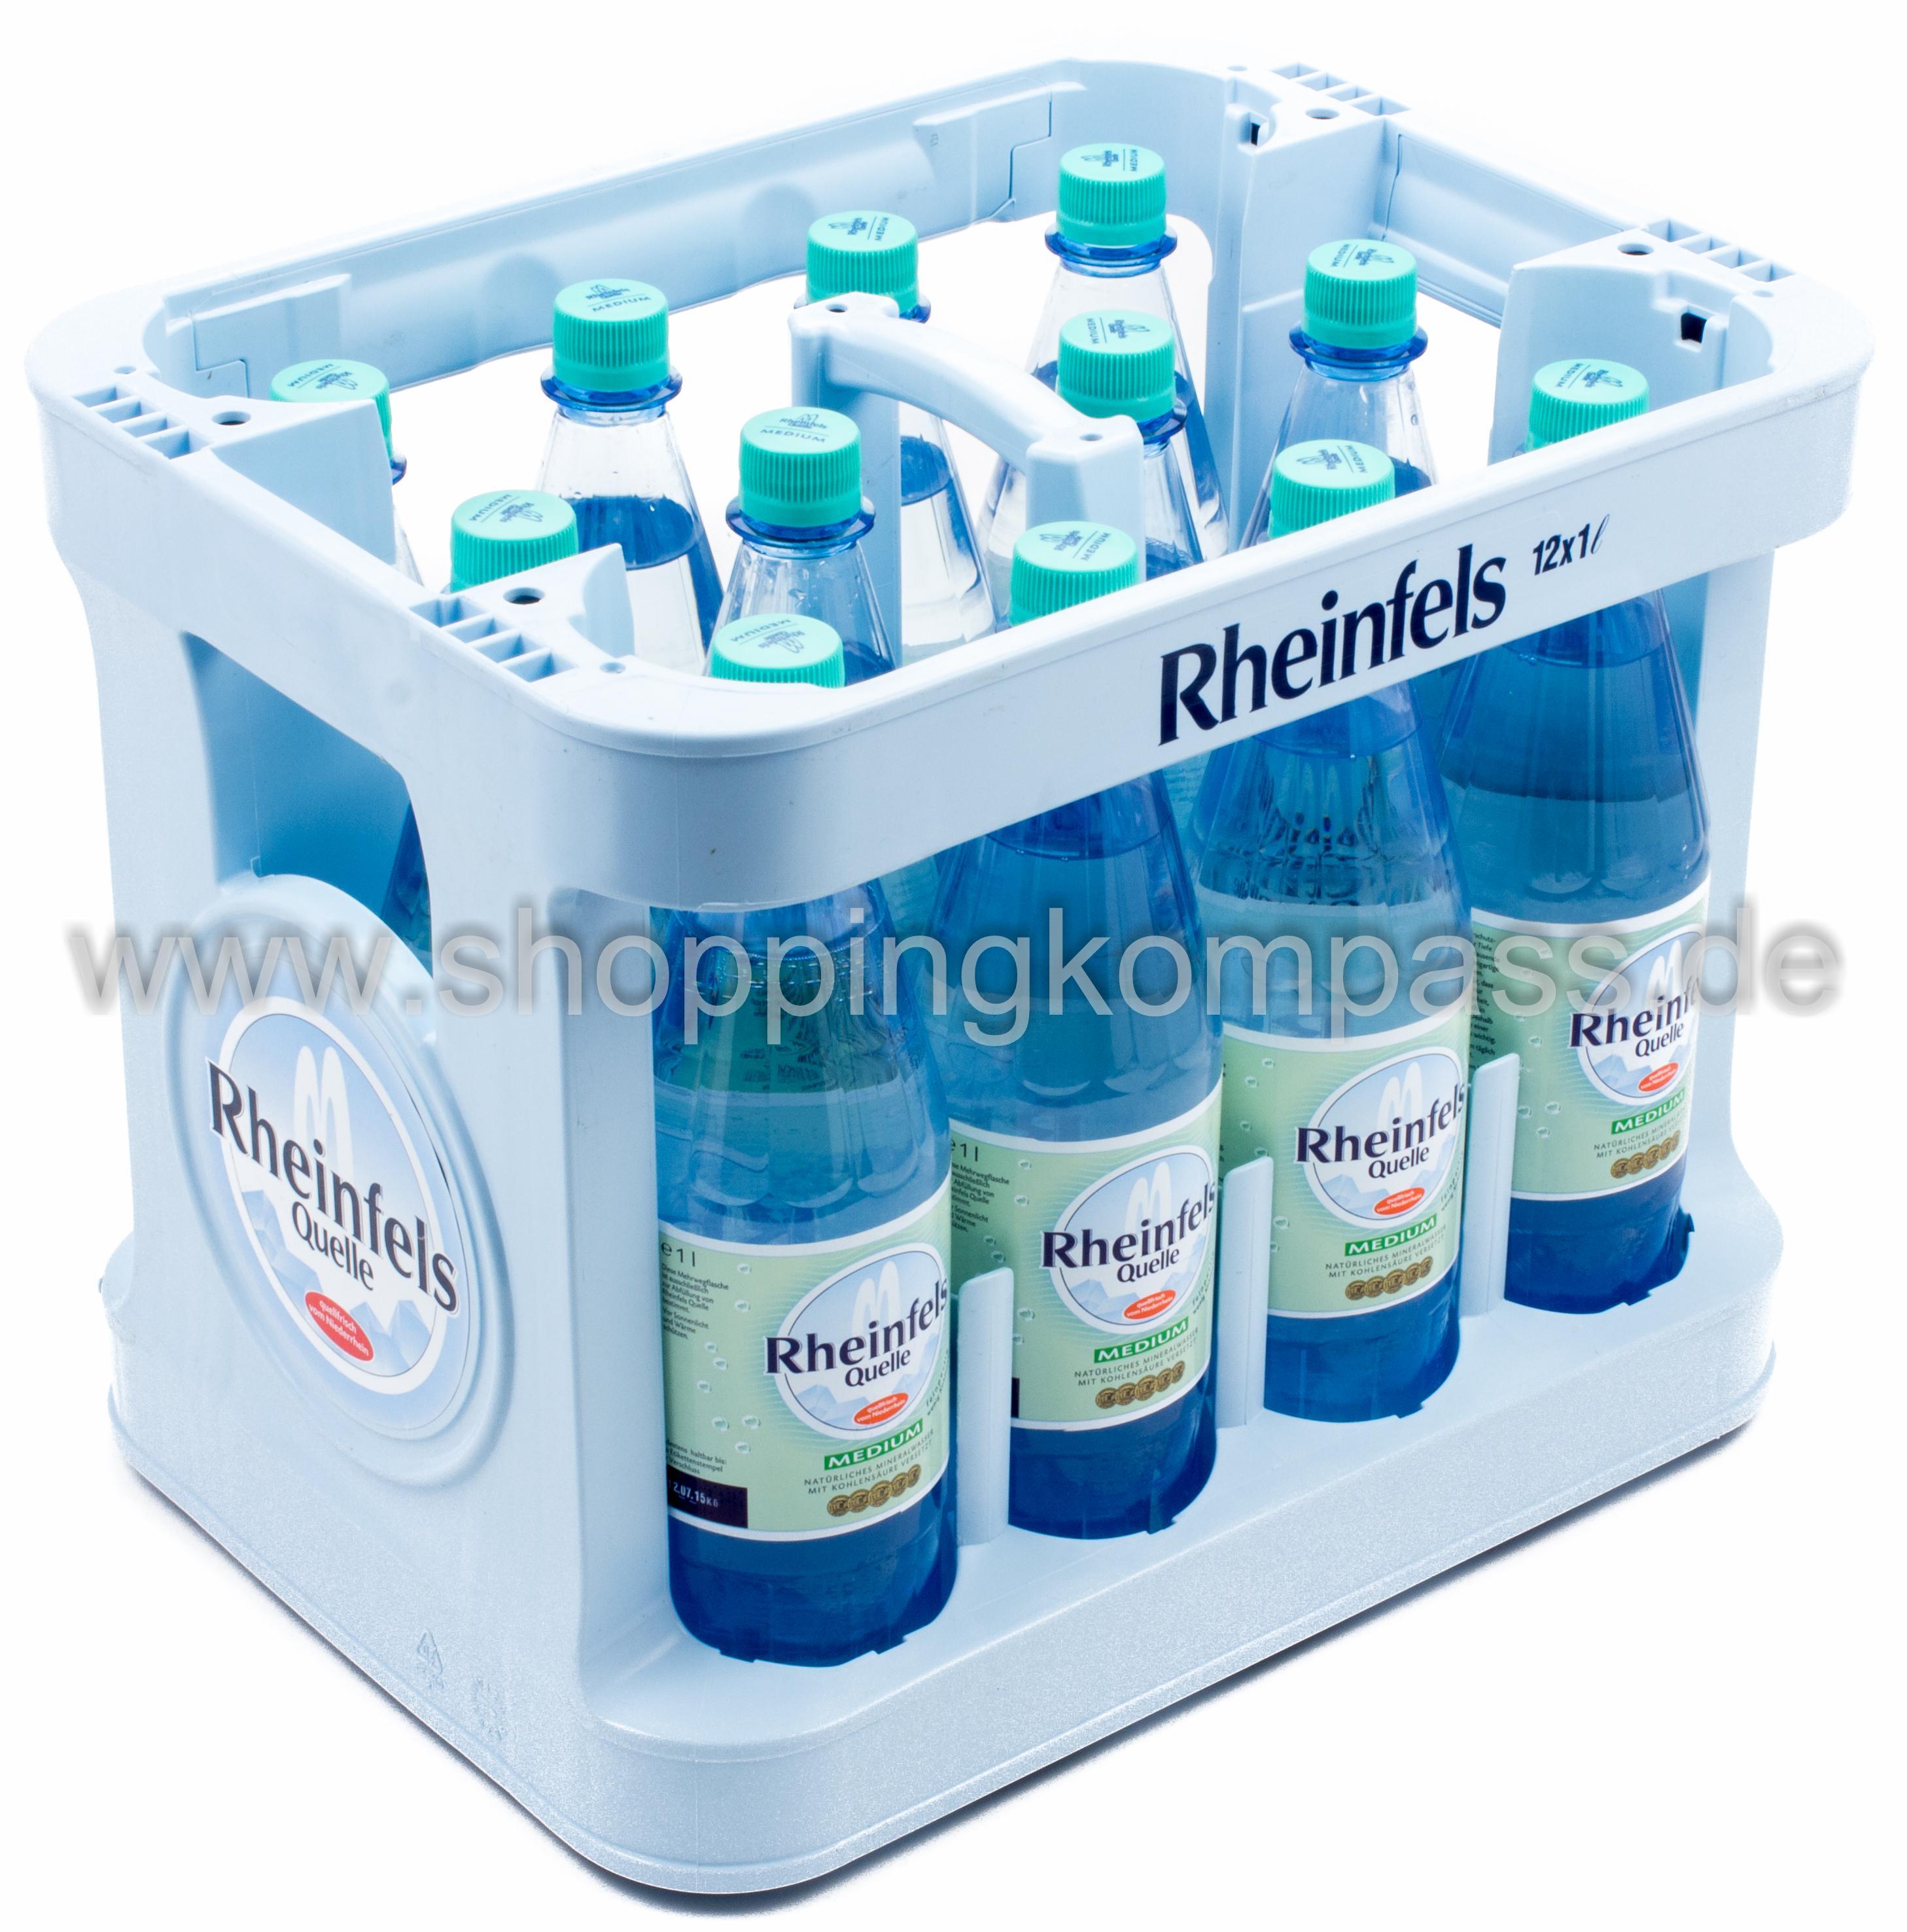 mineralwasser rheinfels quelle mineralwasser medium kasten 12 x 1 l pet mw ihr zuverl ssiger. Black Bedroom Furniture Sets. Home Design Ideas